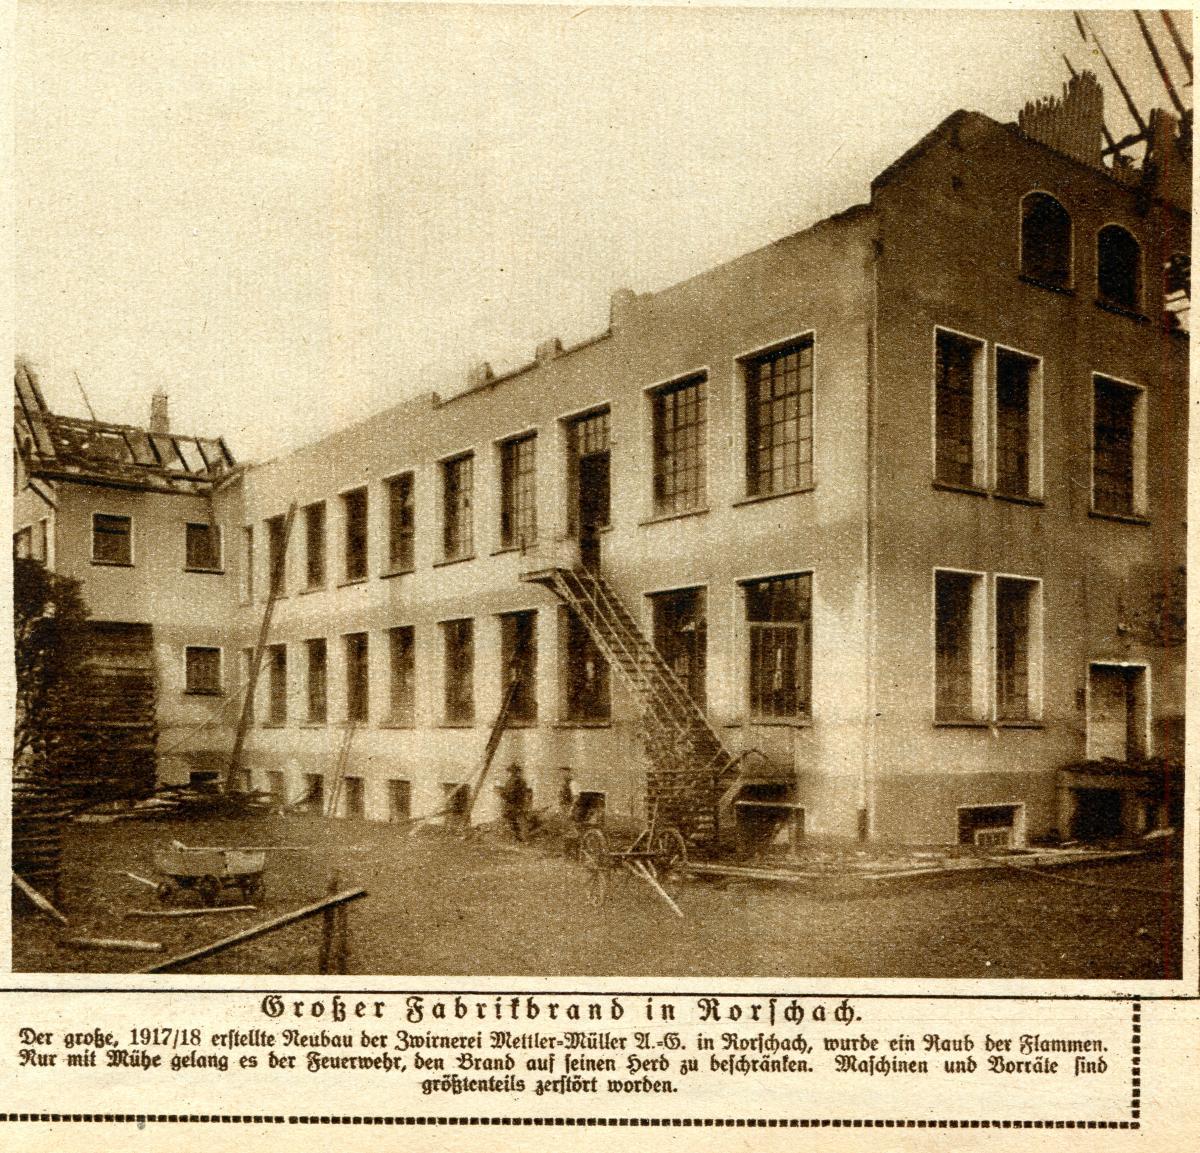 Fabrikbrand in Rorschach